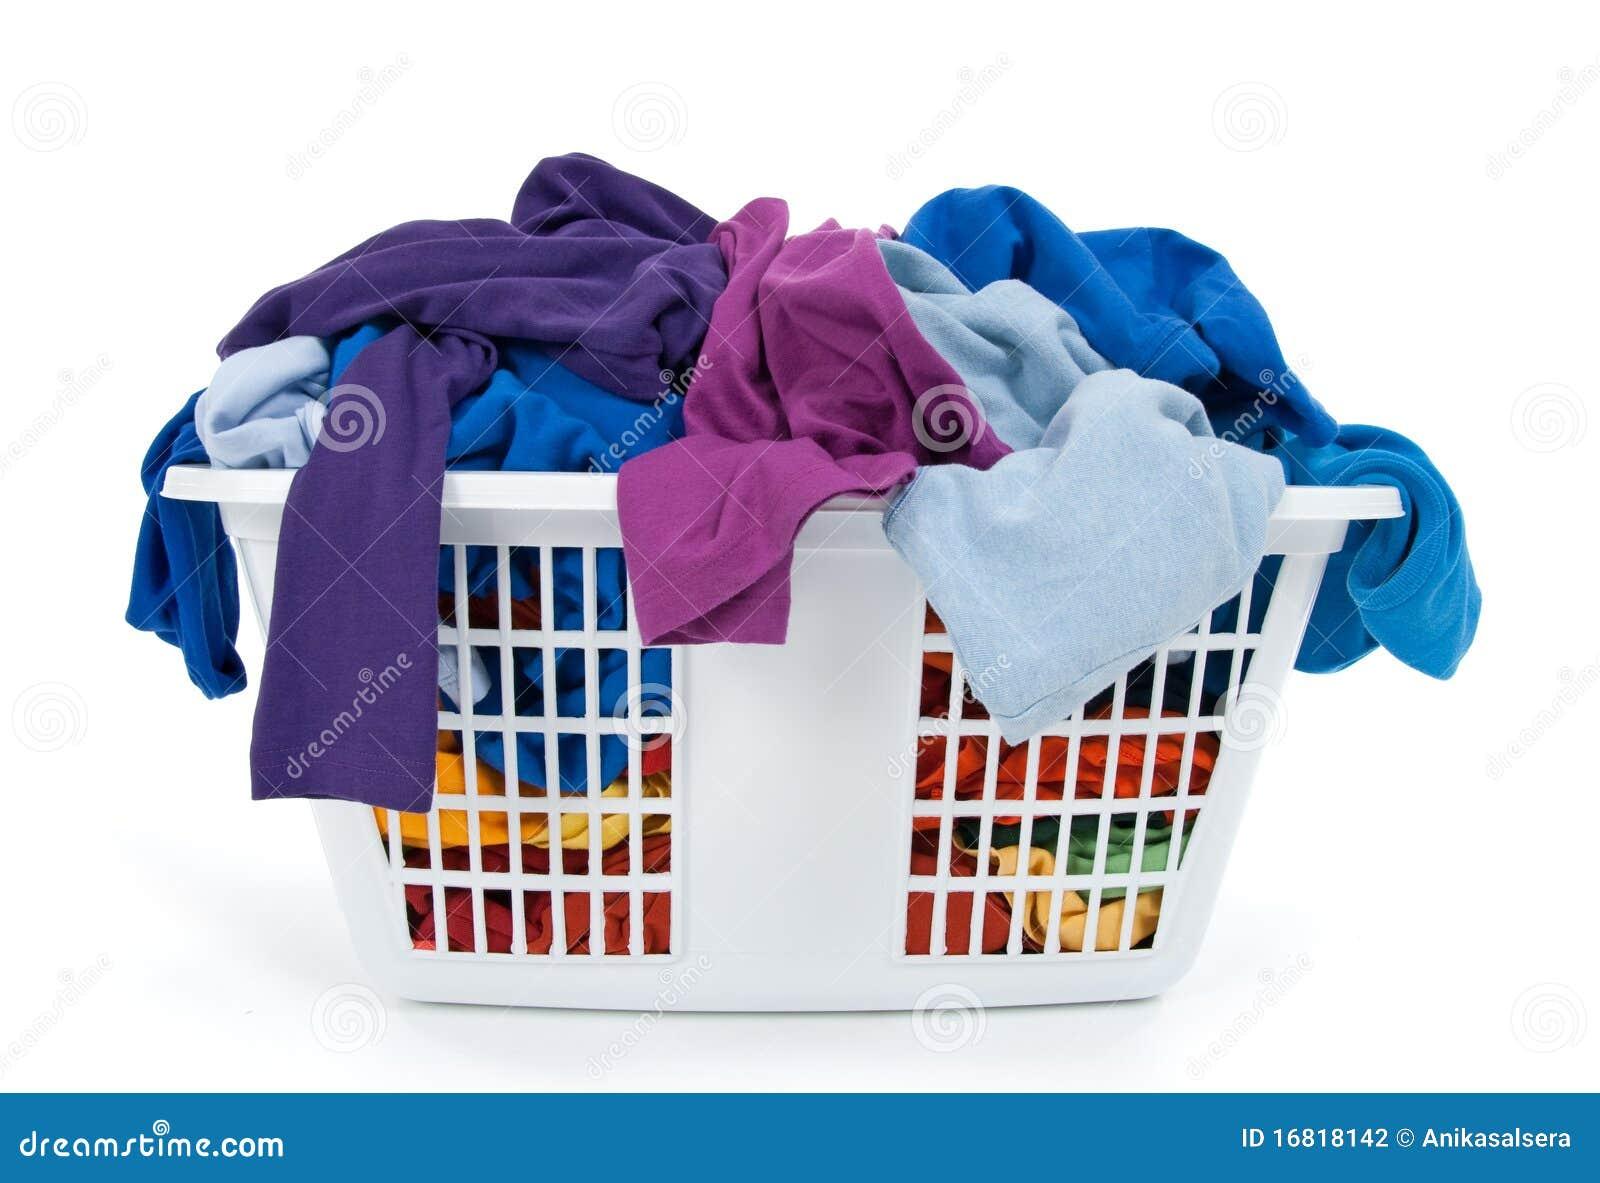 Vêtements dans le panier de blanchisserie. Bleu, indigo, pourpré.